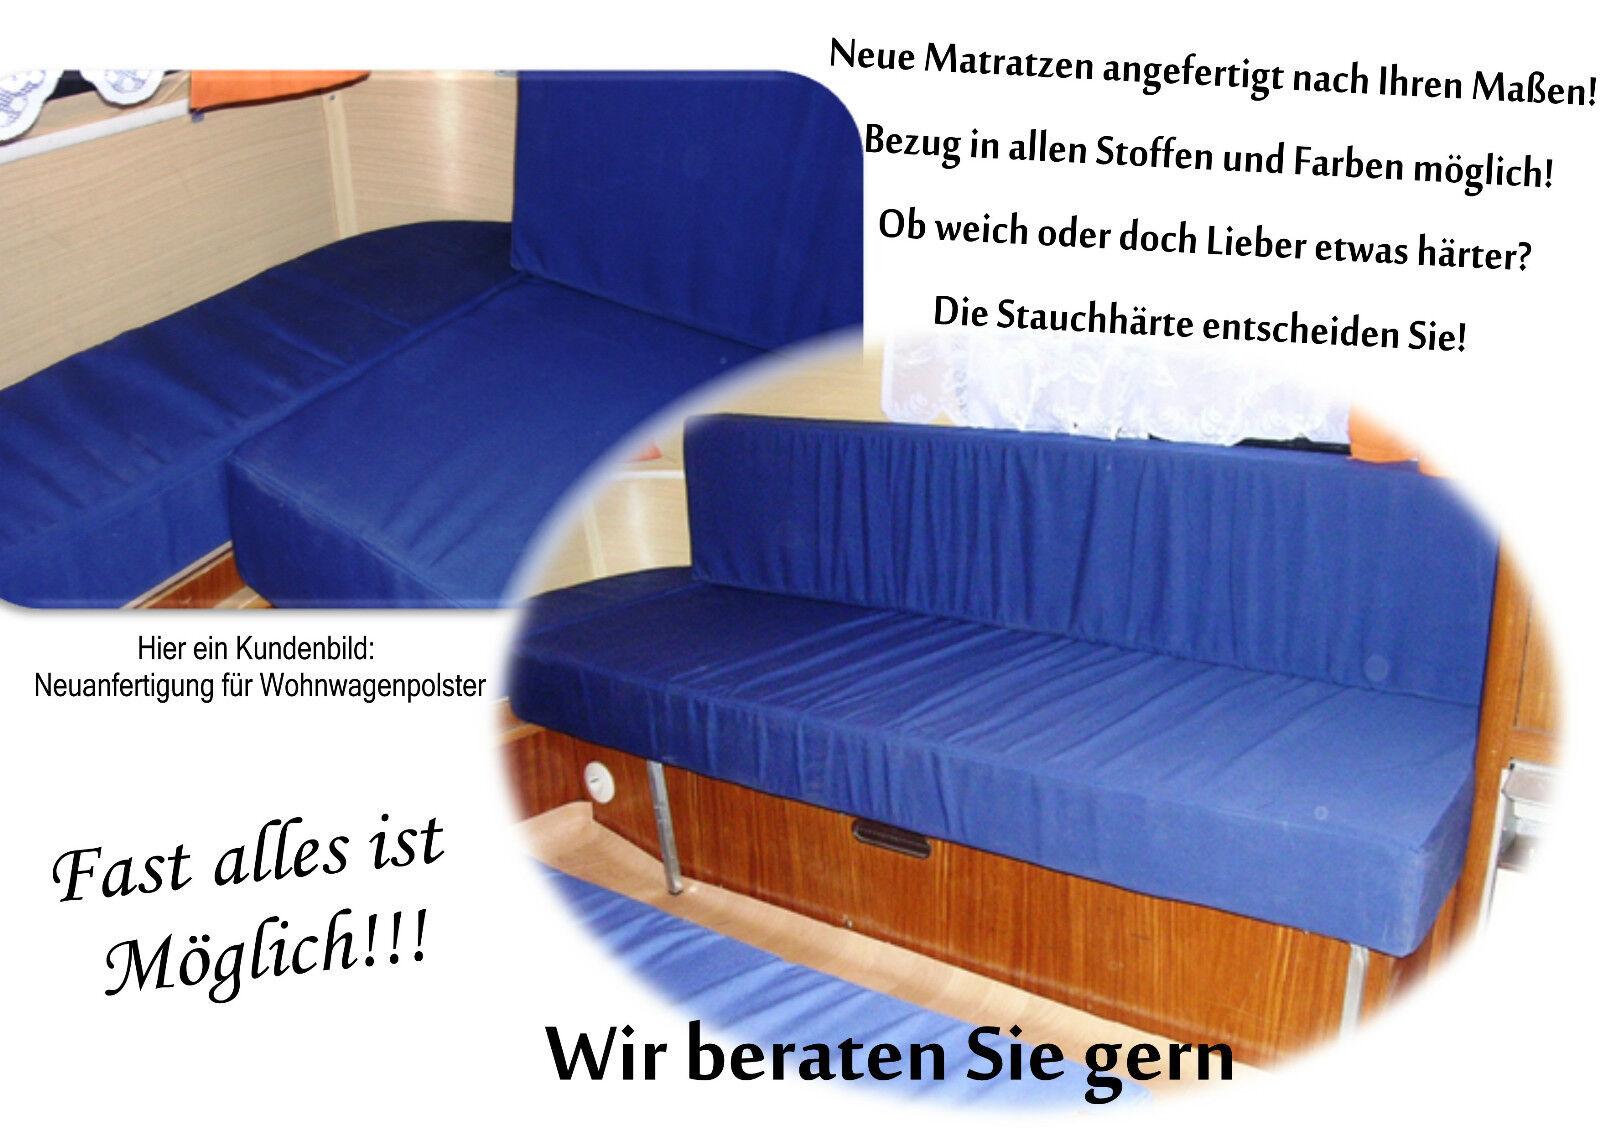 Matratze f. Wohnwagen Stiefel Wohnmobil Polster Auflagen Sitzpolster Kissen